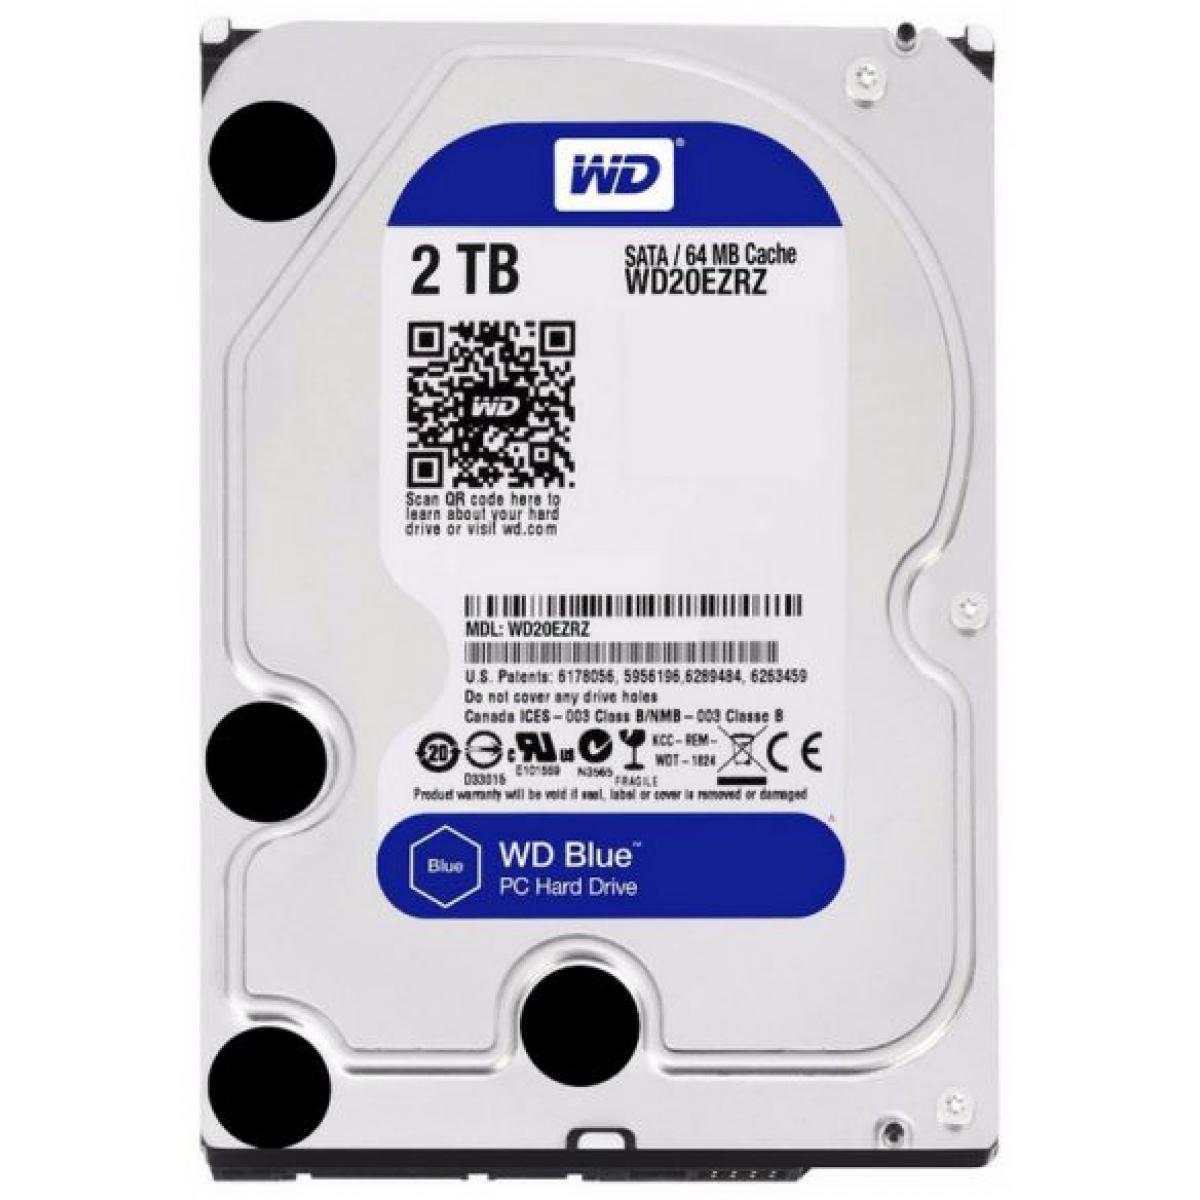 HD Western Digital Caviar Blue 2TB, Sata III, 5400RPM, 64MB, WD20EZRZ